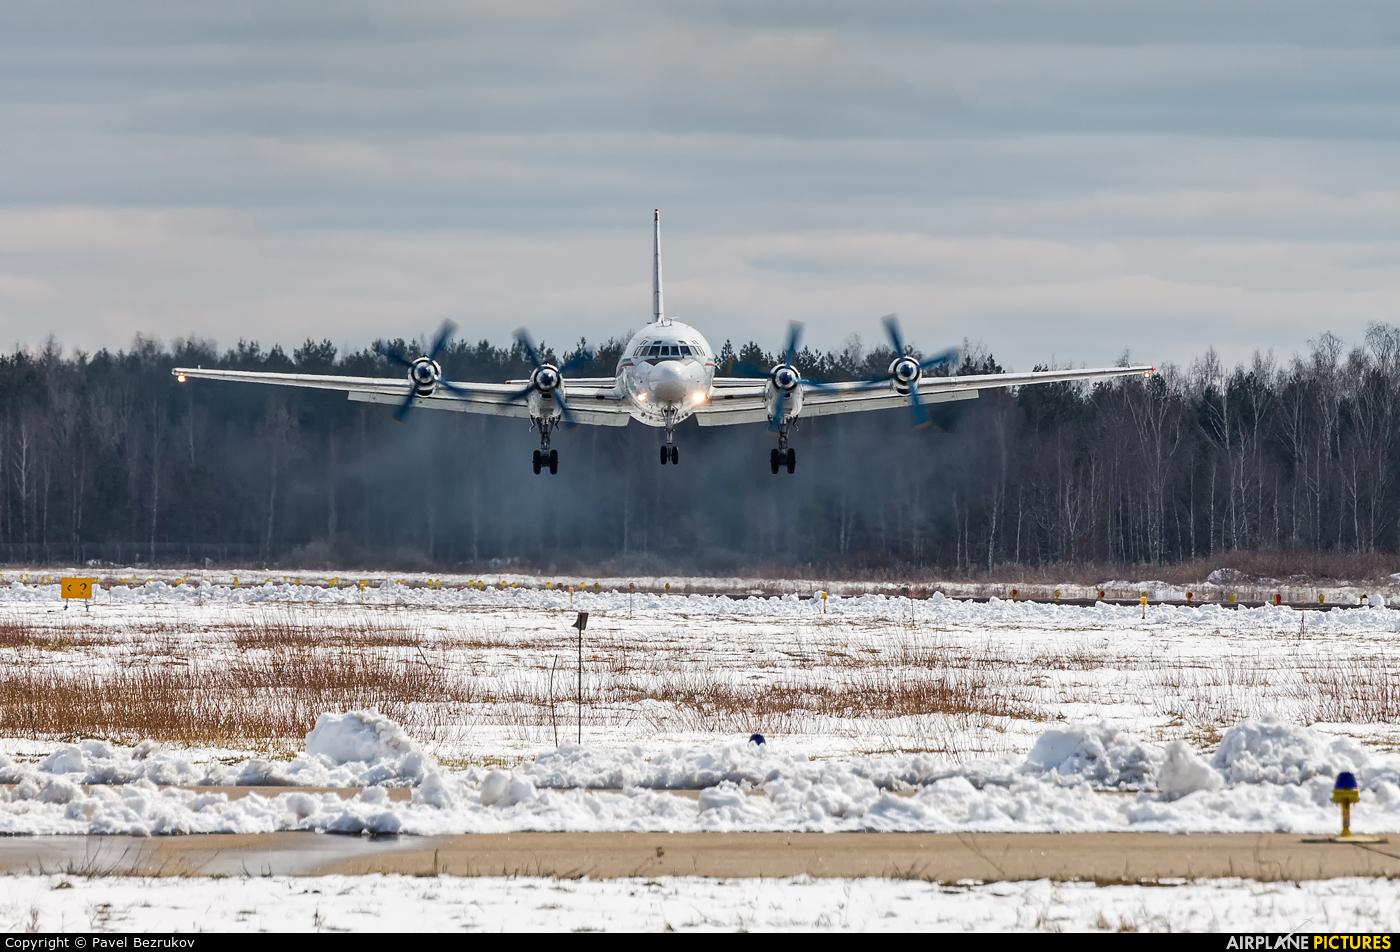 NPP Mir 54006 aircraft at Ivanovo - South